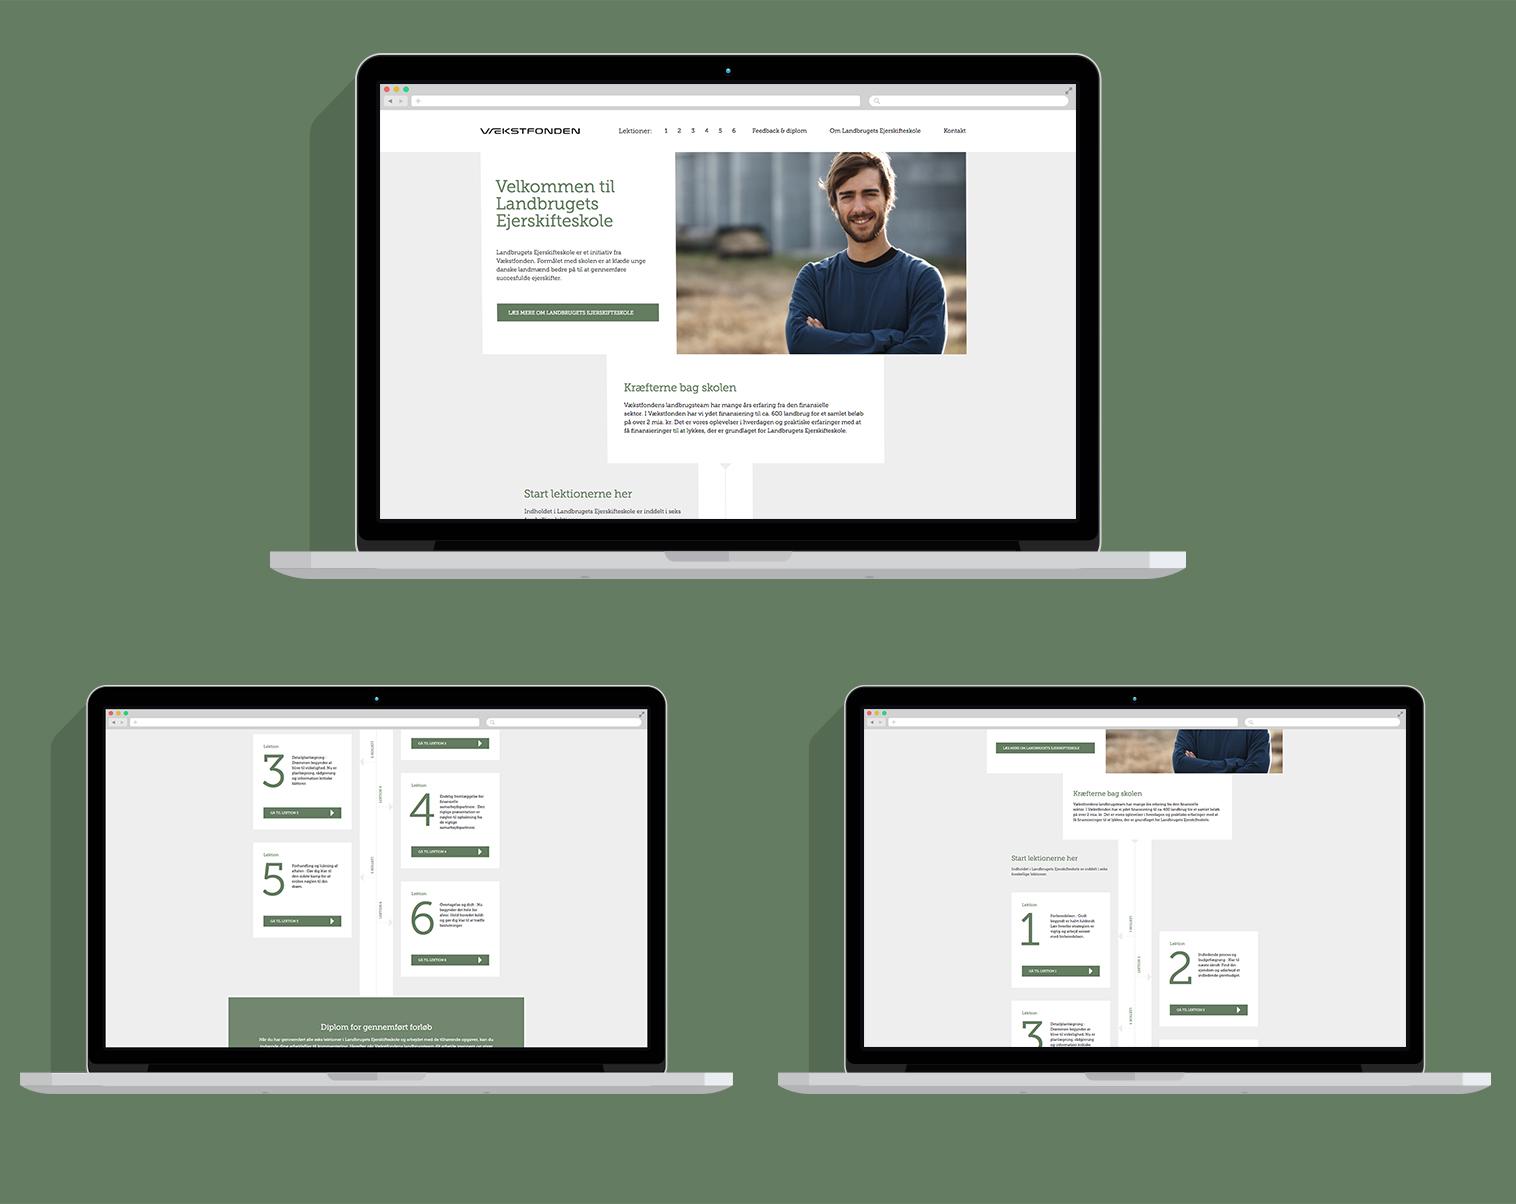 Ejerskifteskolen_digitaldesign_janusmikkel_02